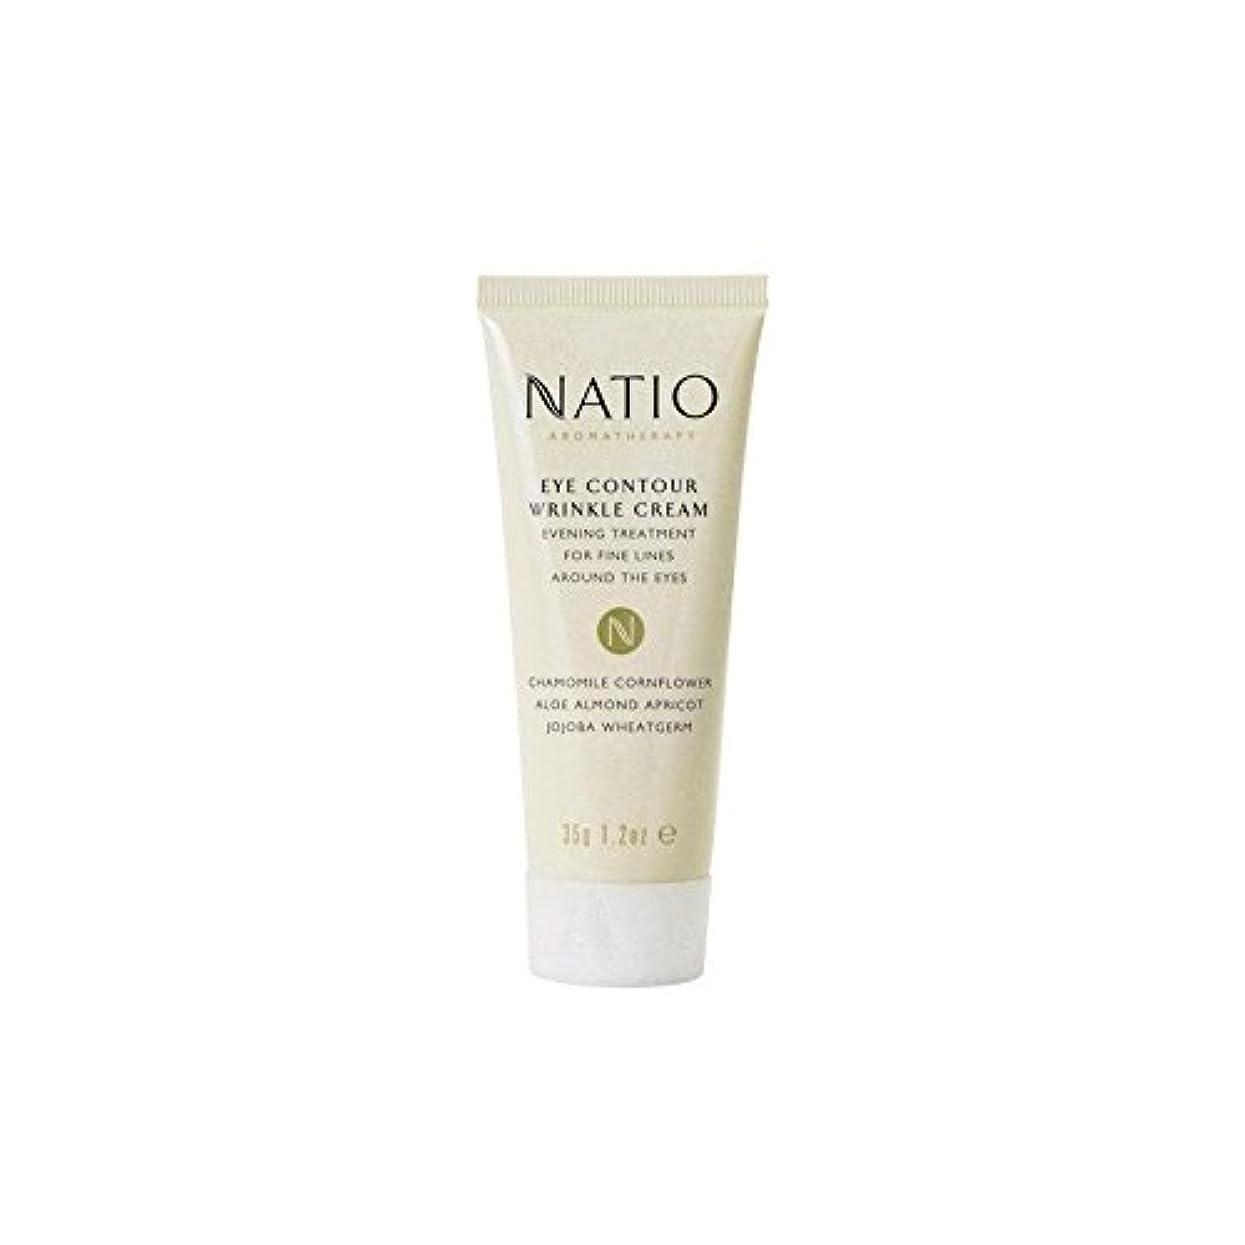 磁石地区利得眼輪郭しわクリーム(35グラム) x4 - Natio Eye Contour Wrinkle Cream (35G) (Pack of 4) [並行輸入品]